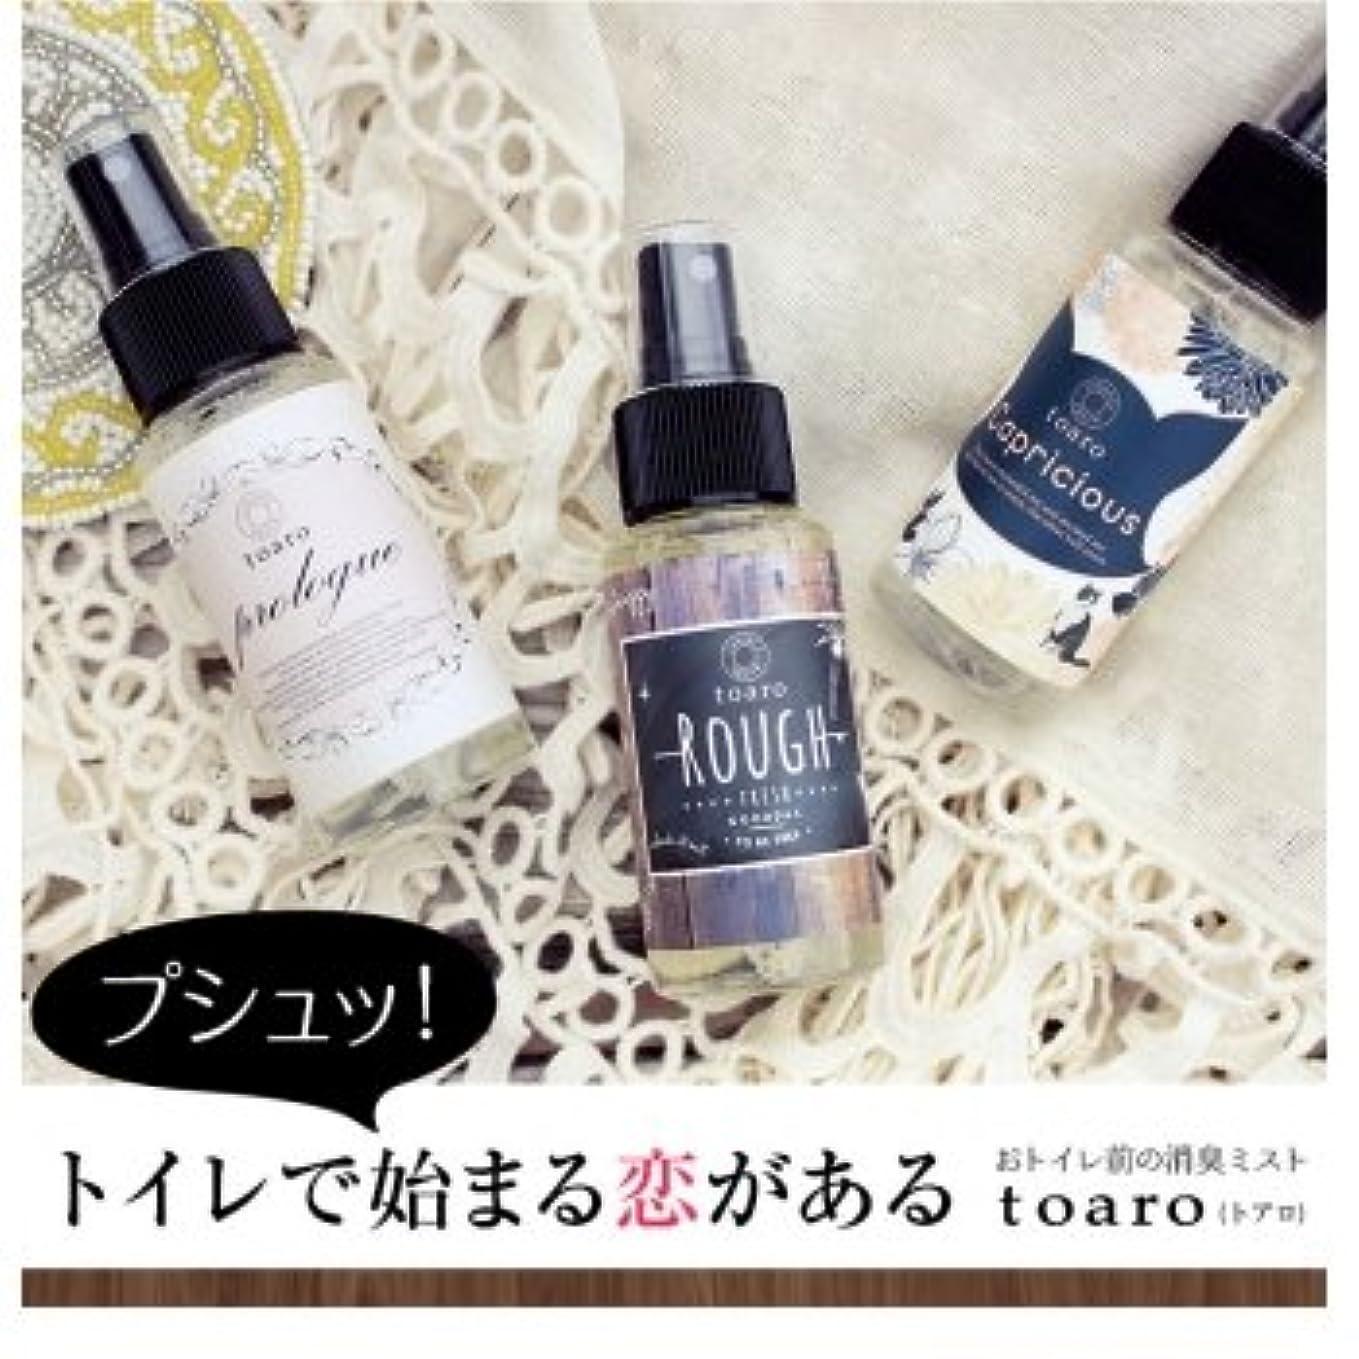 不倫ドレイン庭園toaro(トアロ)トイレ専用消臭ミスト ラフ